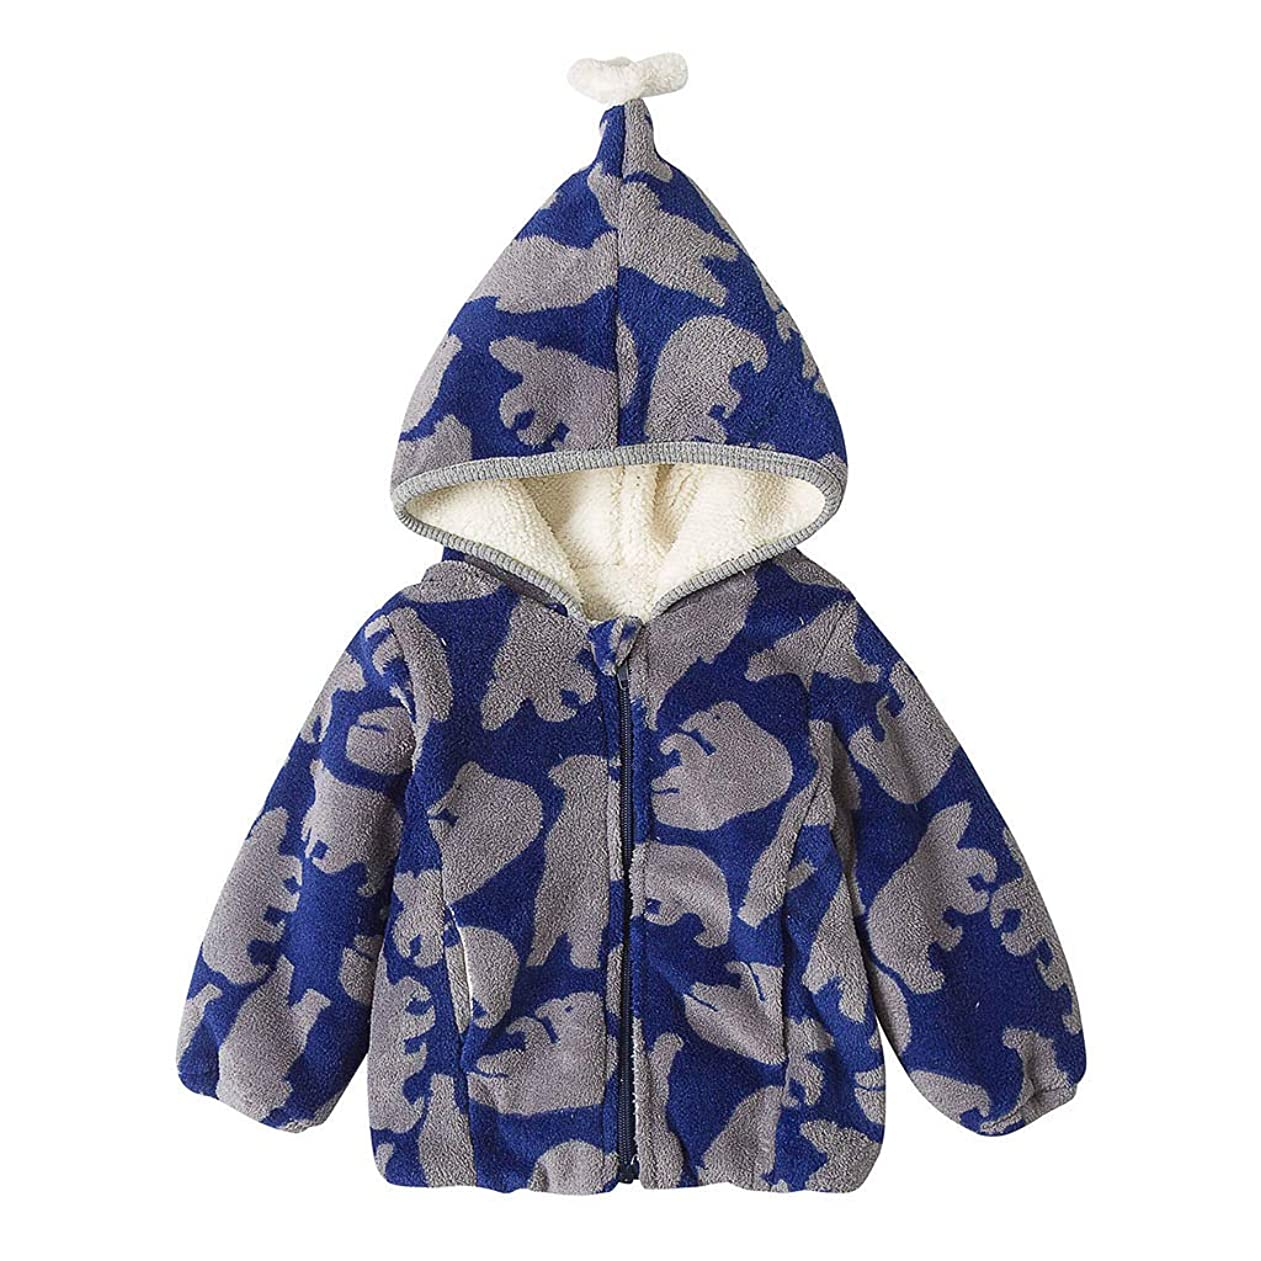 ぼんやりしたスーパー無意識かわいい柄あたたかい男の子女の子赤ちゃん冬コートジャケット子供ジップ厚いスノースーツパーカーオーバーコート屋外かわいいルースソフト快適なブラウストップス